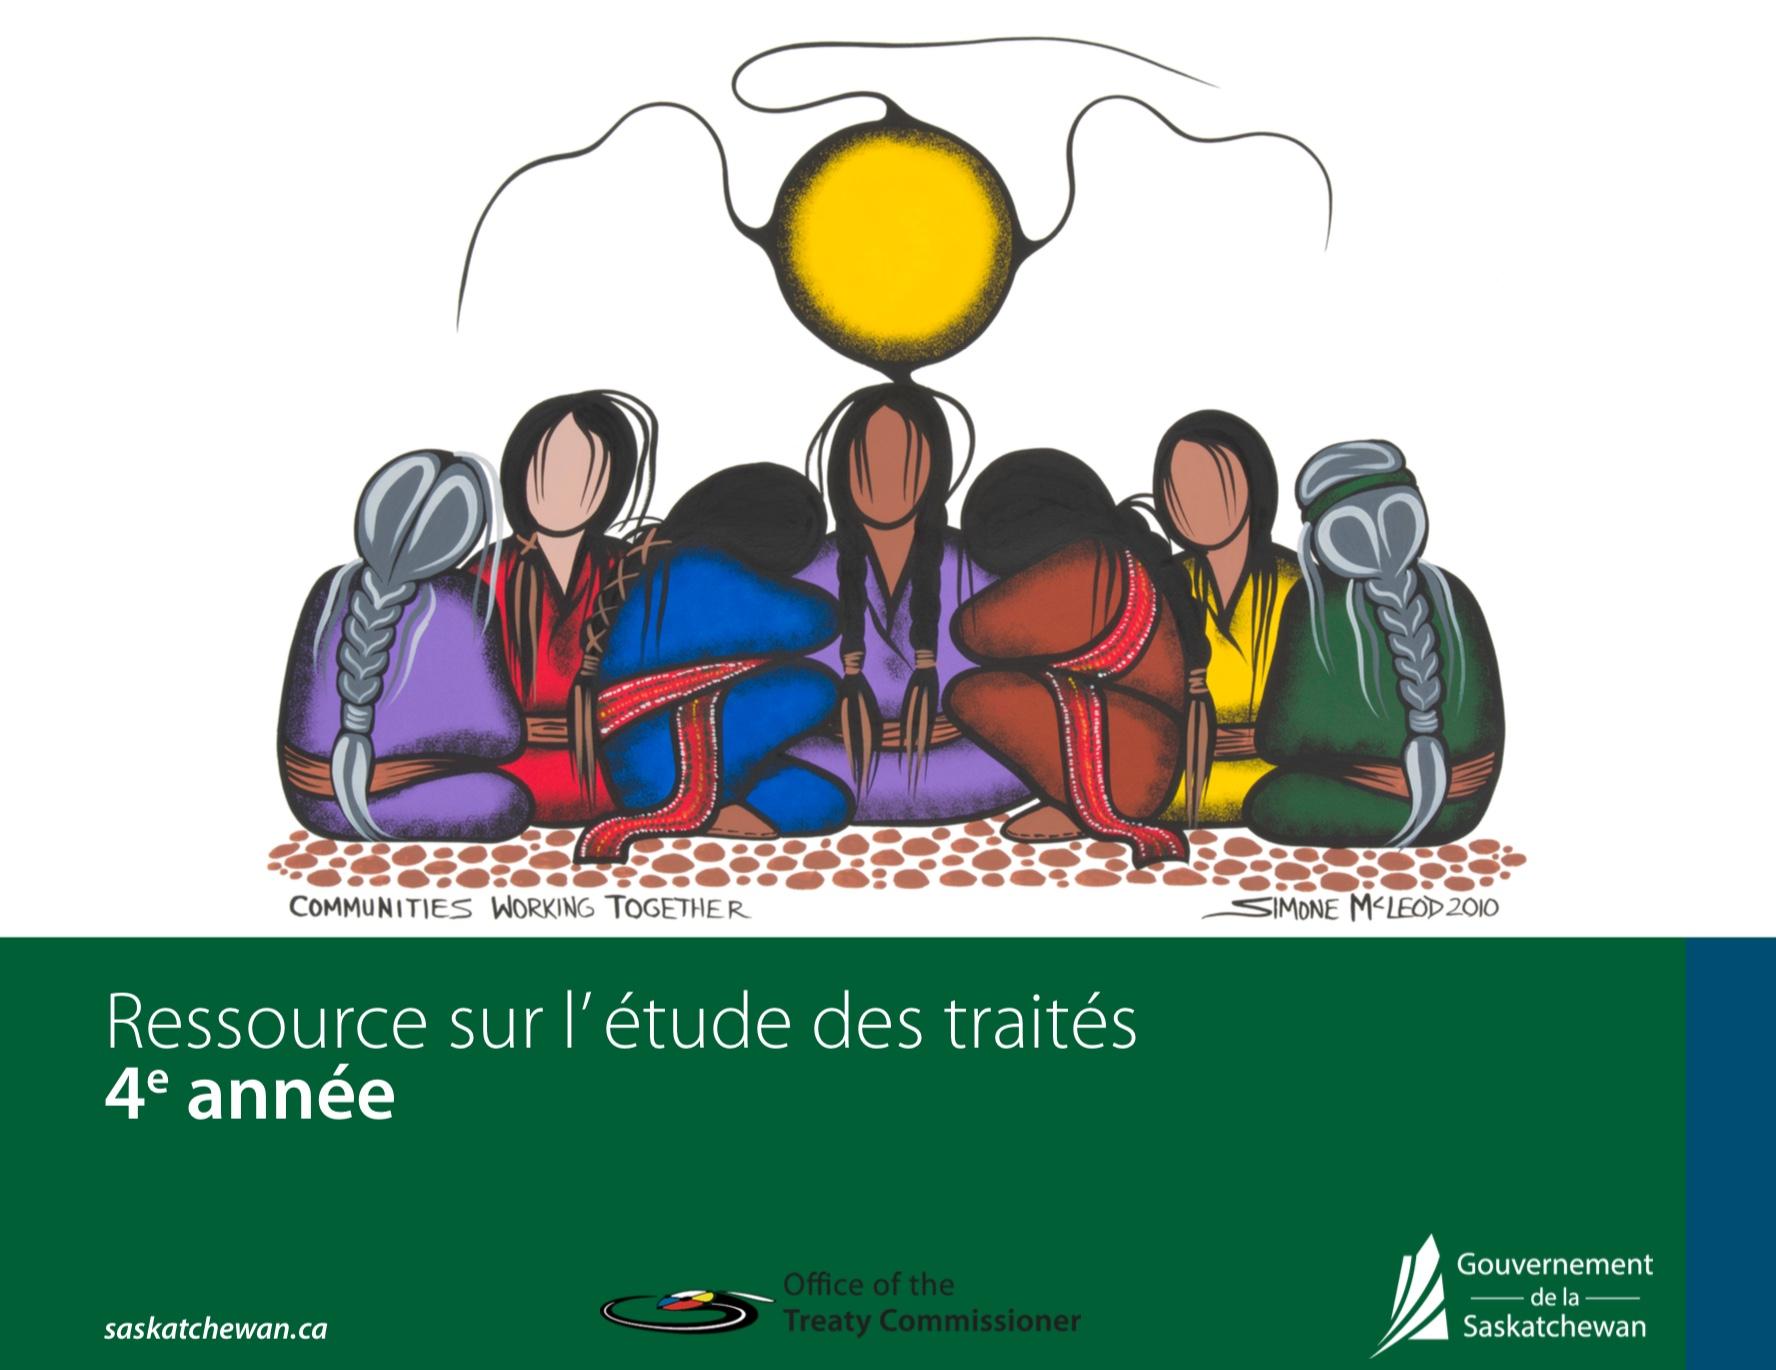 Ressource sur l' étude des traités - 4e année